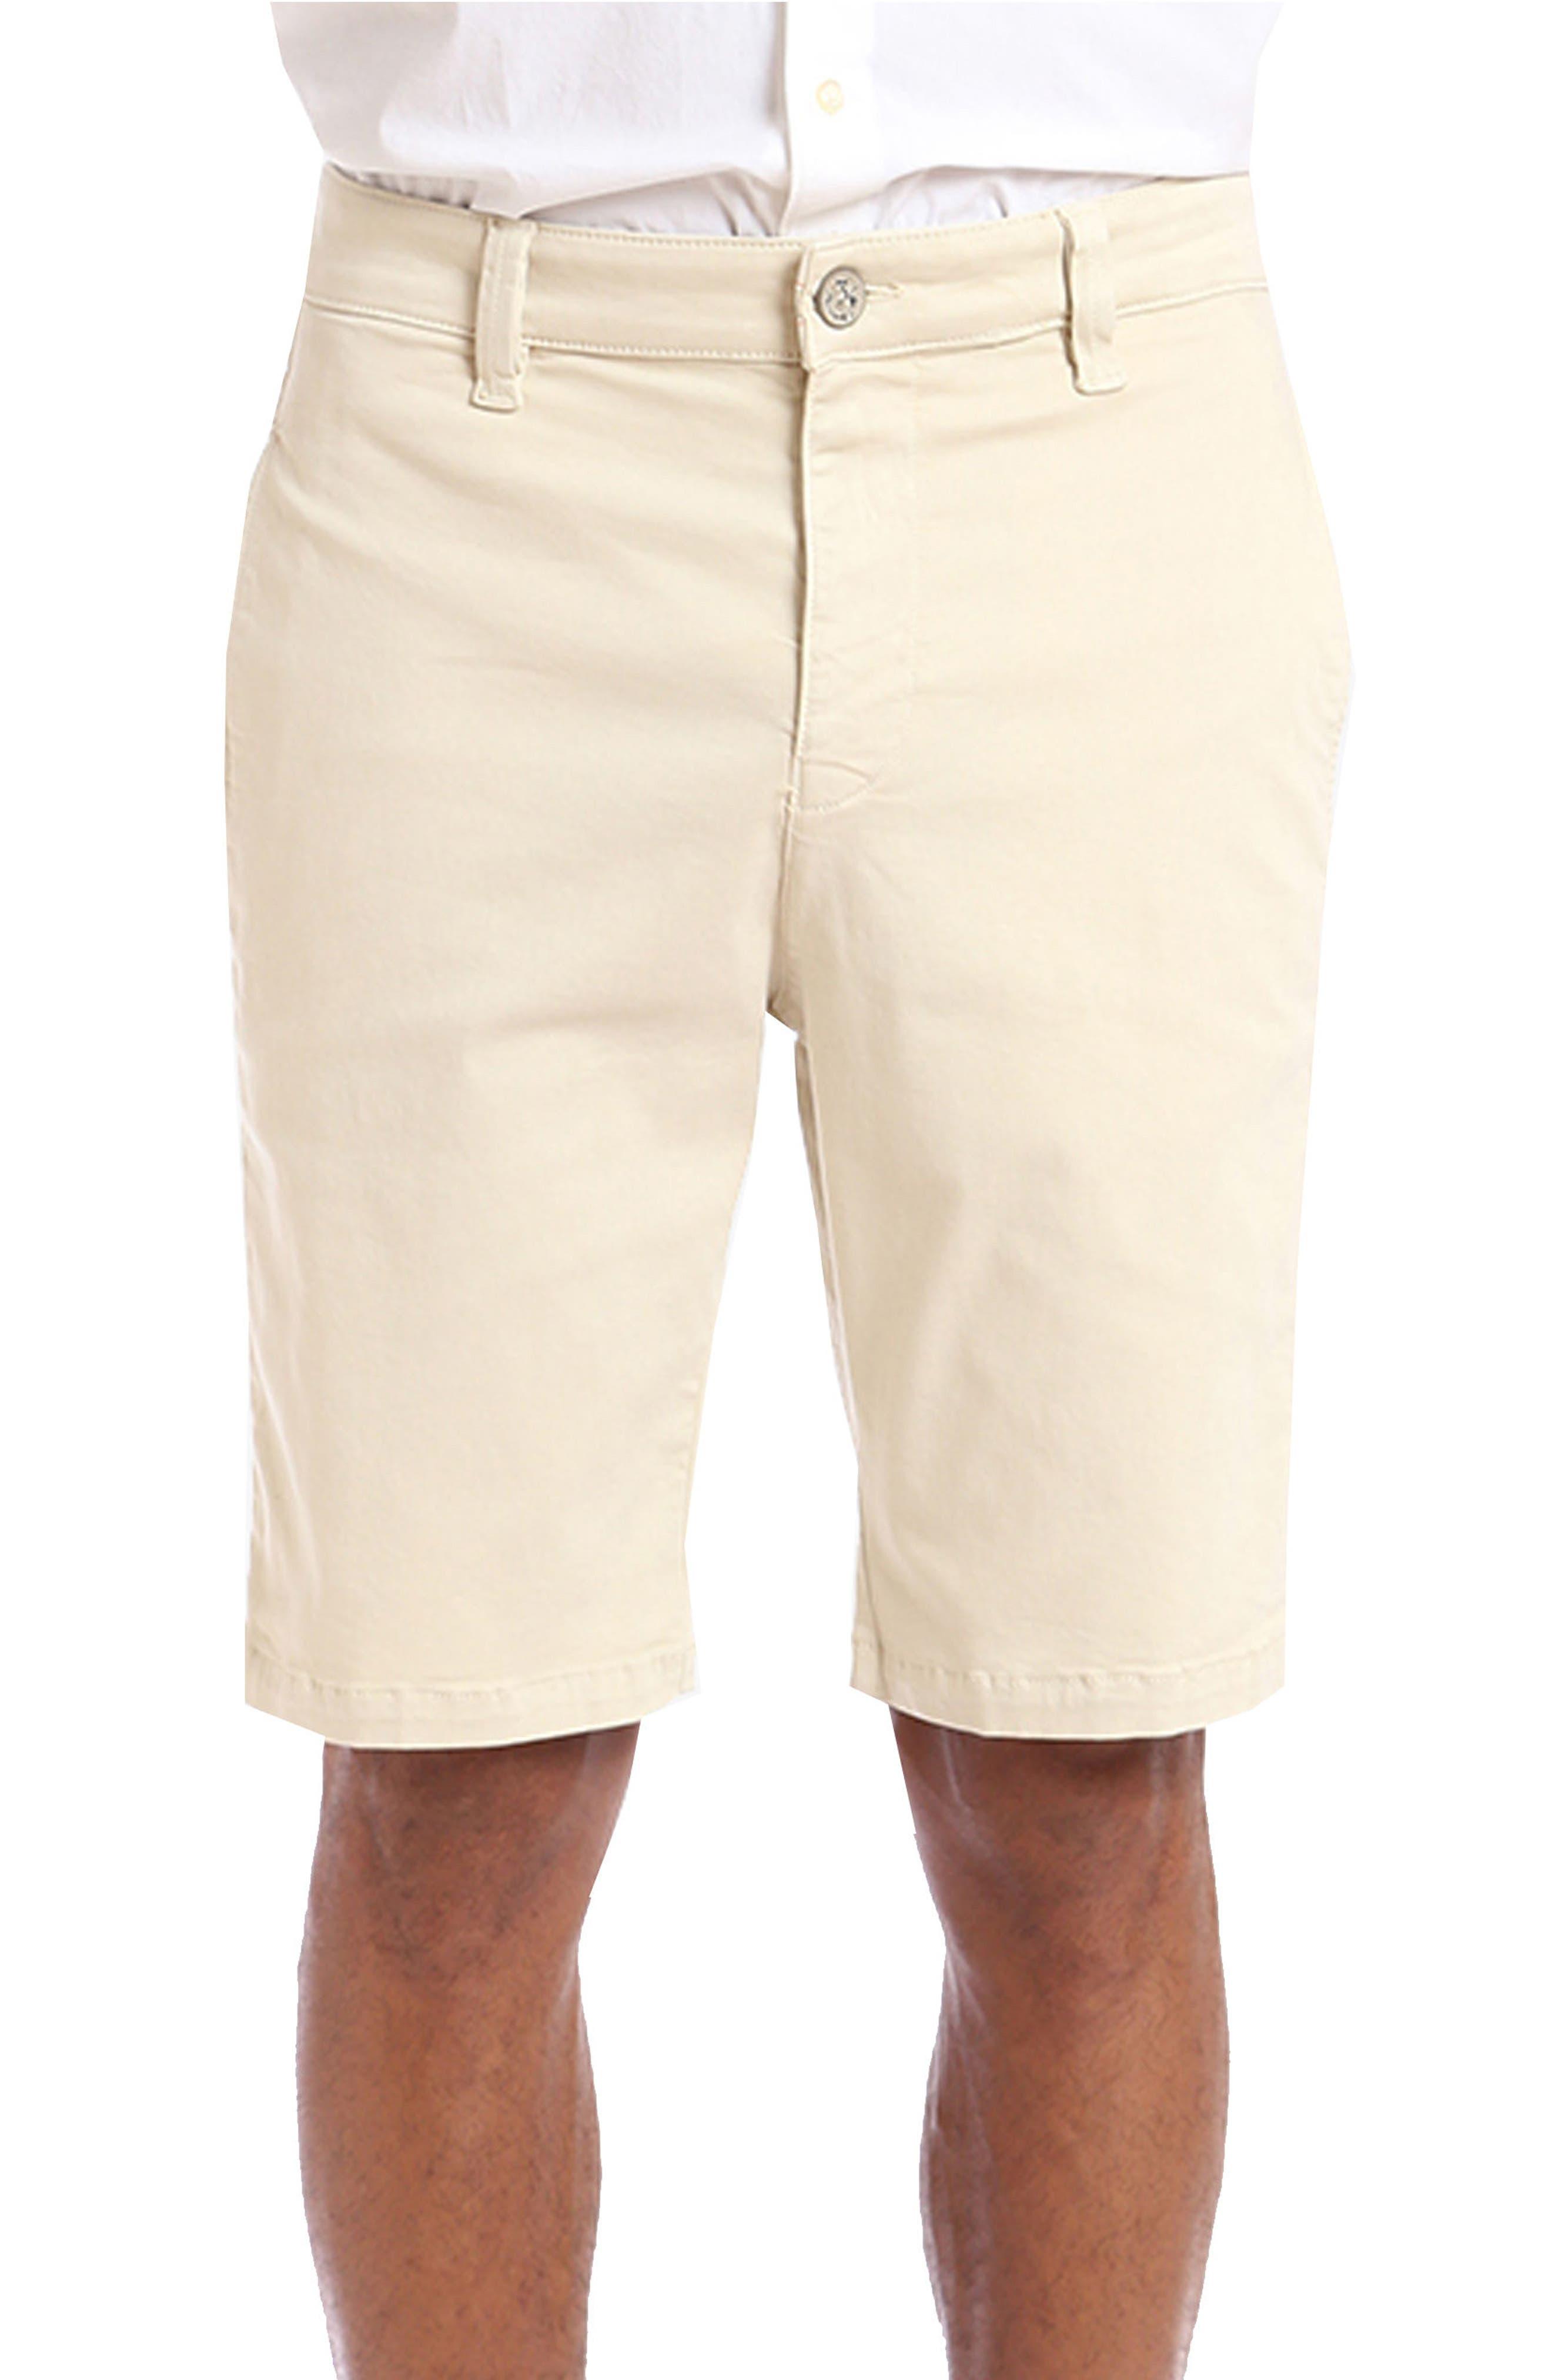 Nevada Twill Shorts,                             Main thumbnail 1, color,                             Bone Twill